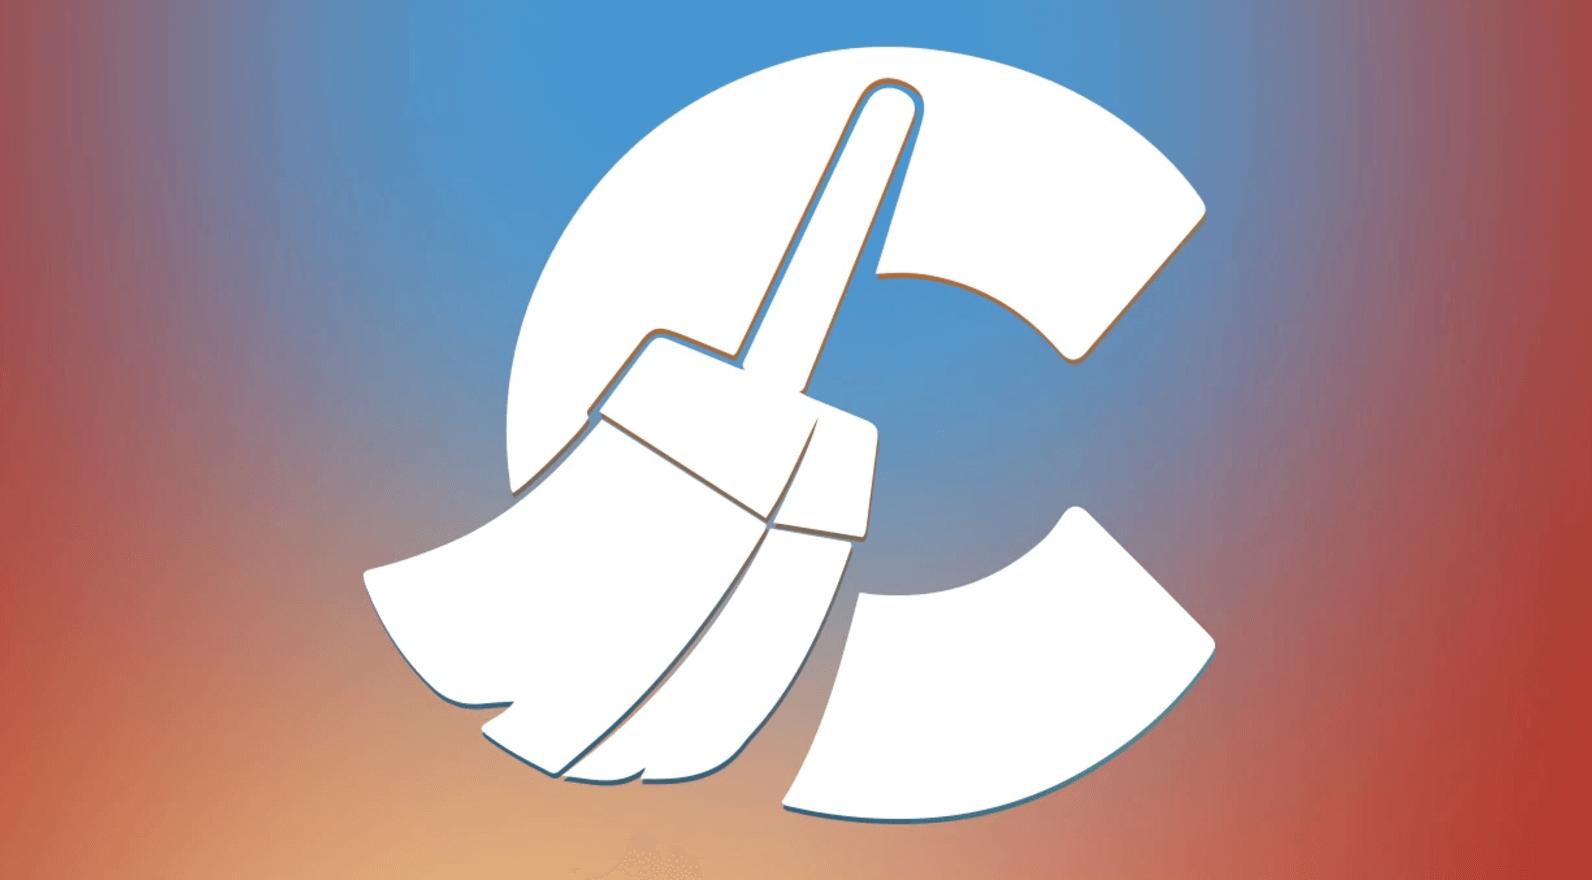 افضل 5 تطبيقات علي نظام اندرويد لشهر اكتوبر 4